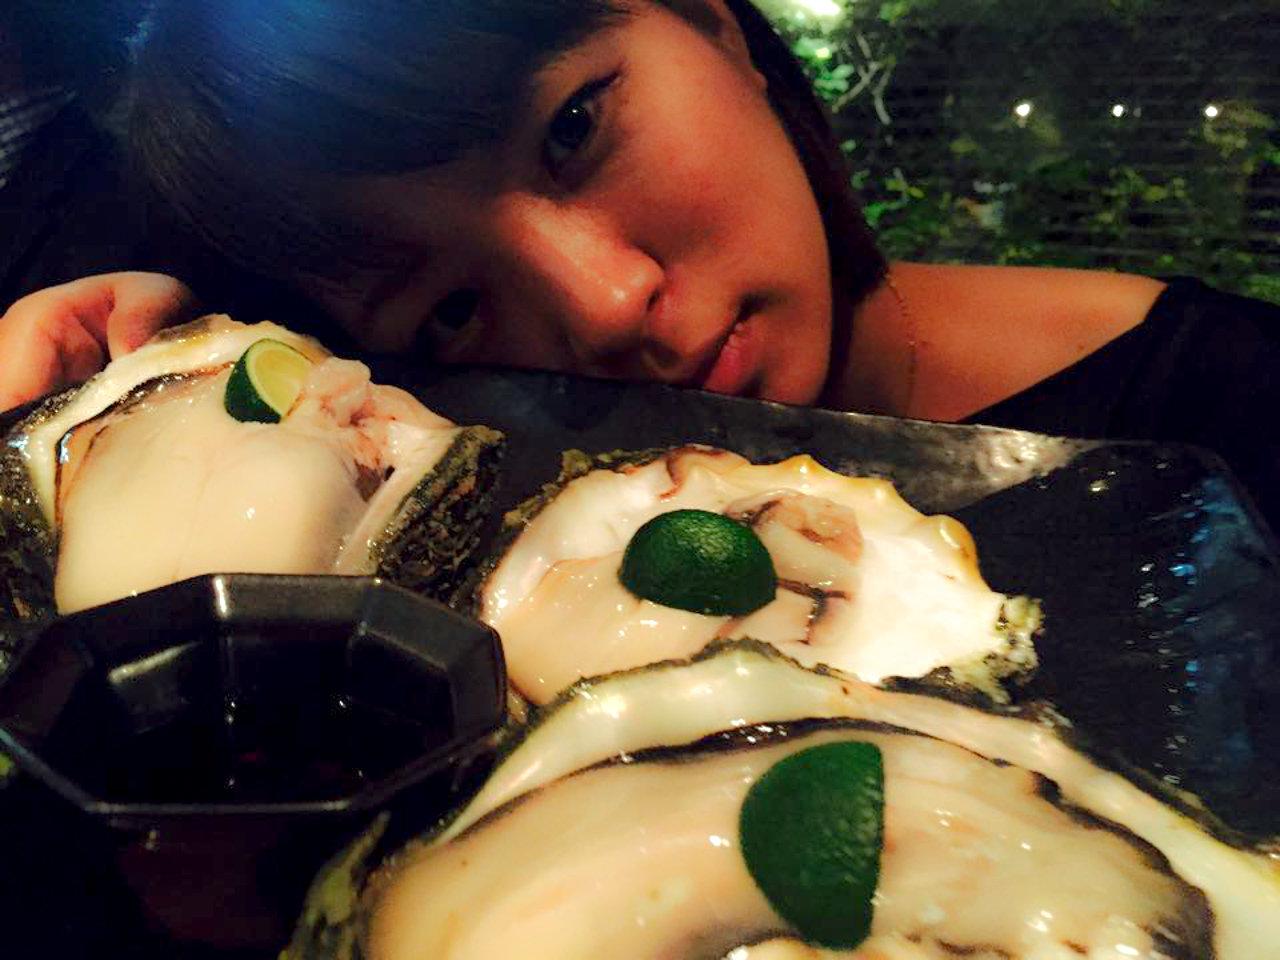 大人のための「エロい店」創作和食の渋谷・宇田川紫扇は女の魔性を呼び覚ます